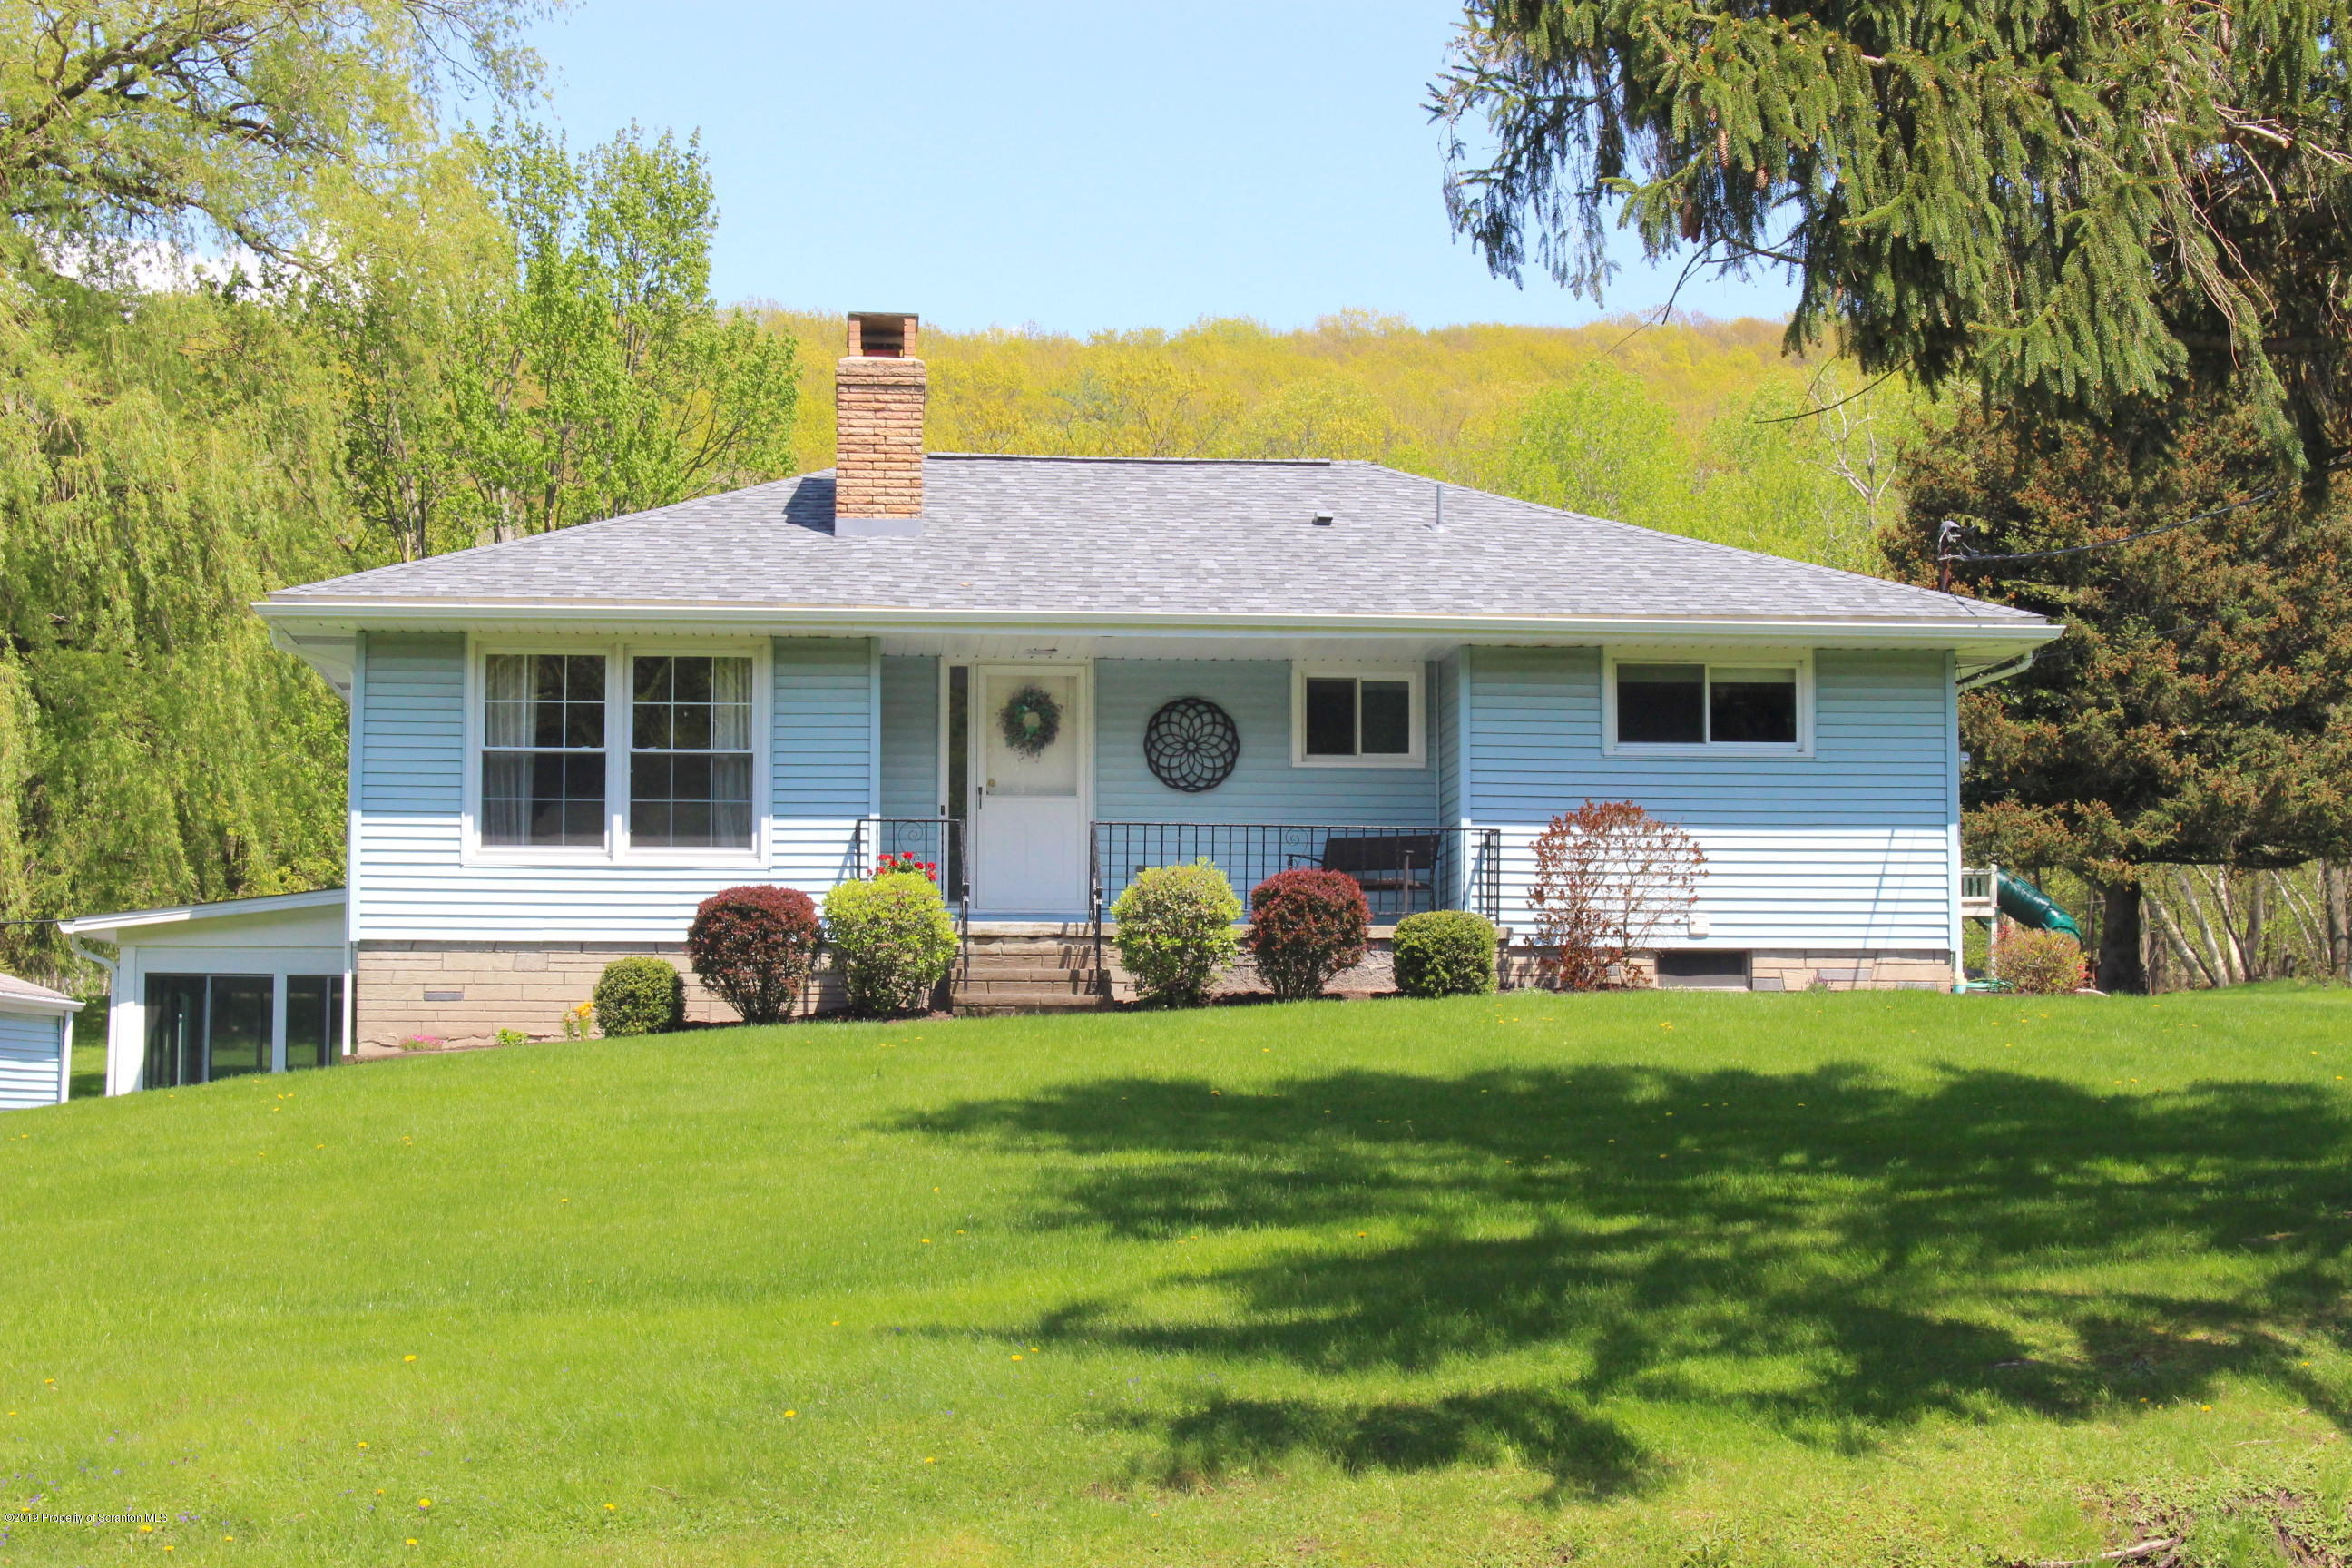 1020 Newton Rd, Clarks Summit, Pennsylvania 18411, 3 Bedrooms Bedrooms, 7 Rooms Rooms,2 BathroomsBathrooms,Single Family,For Sale,Newton,19-2190